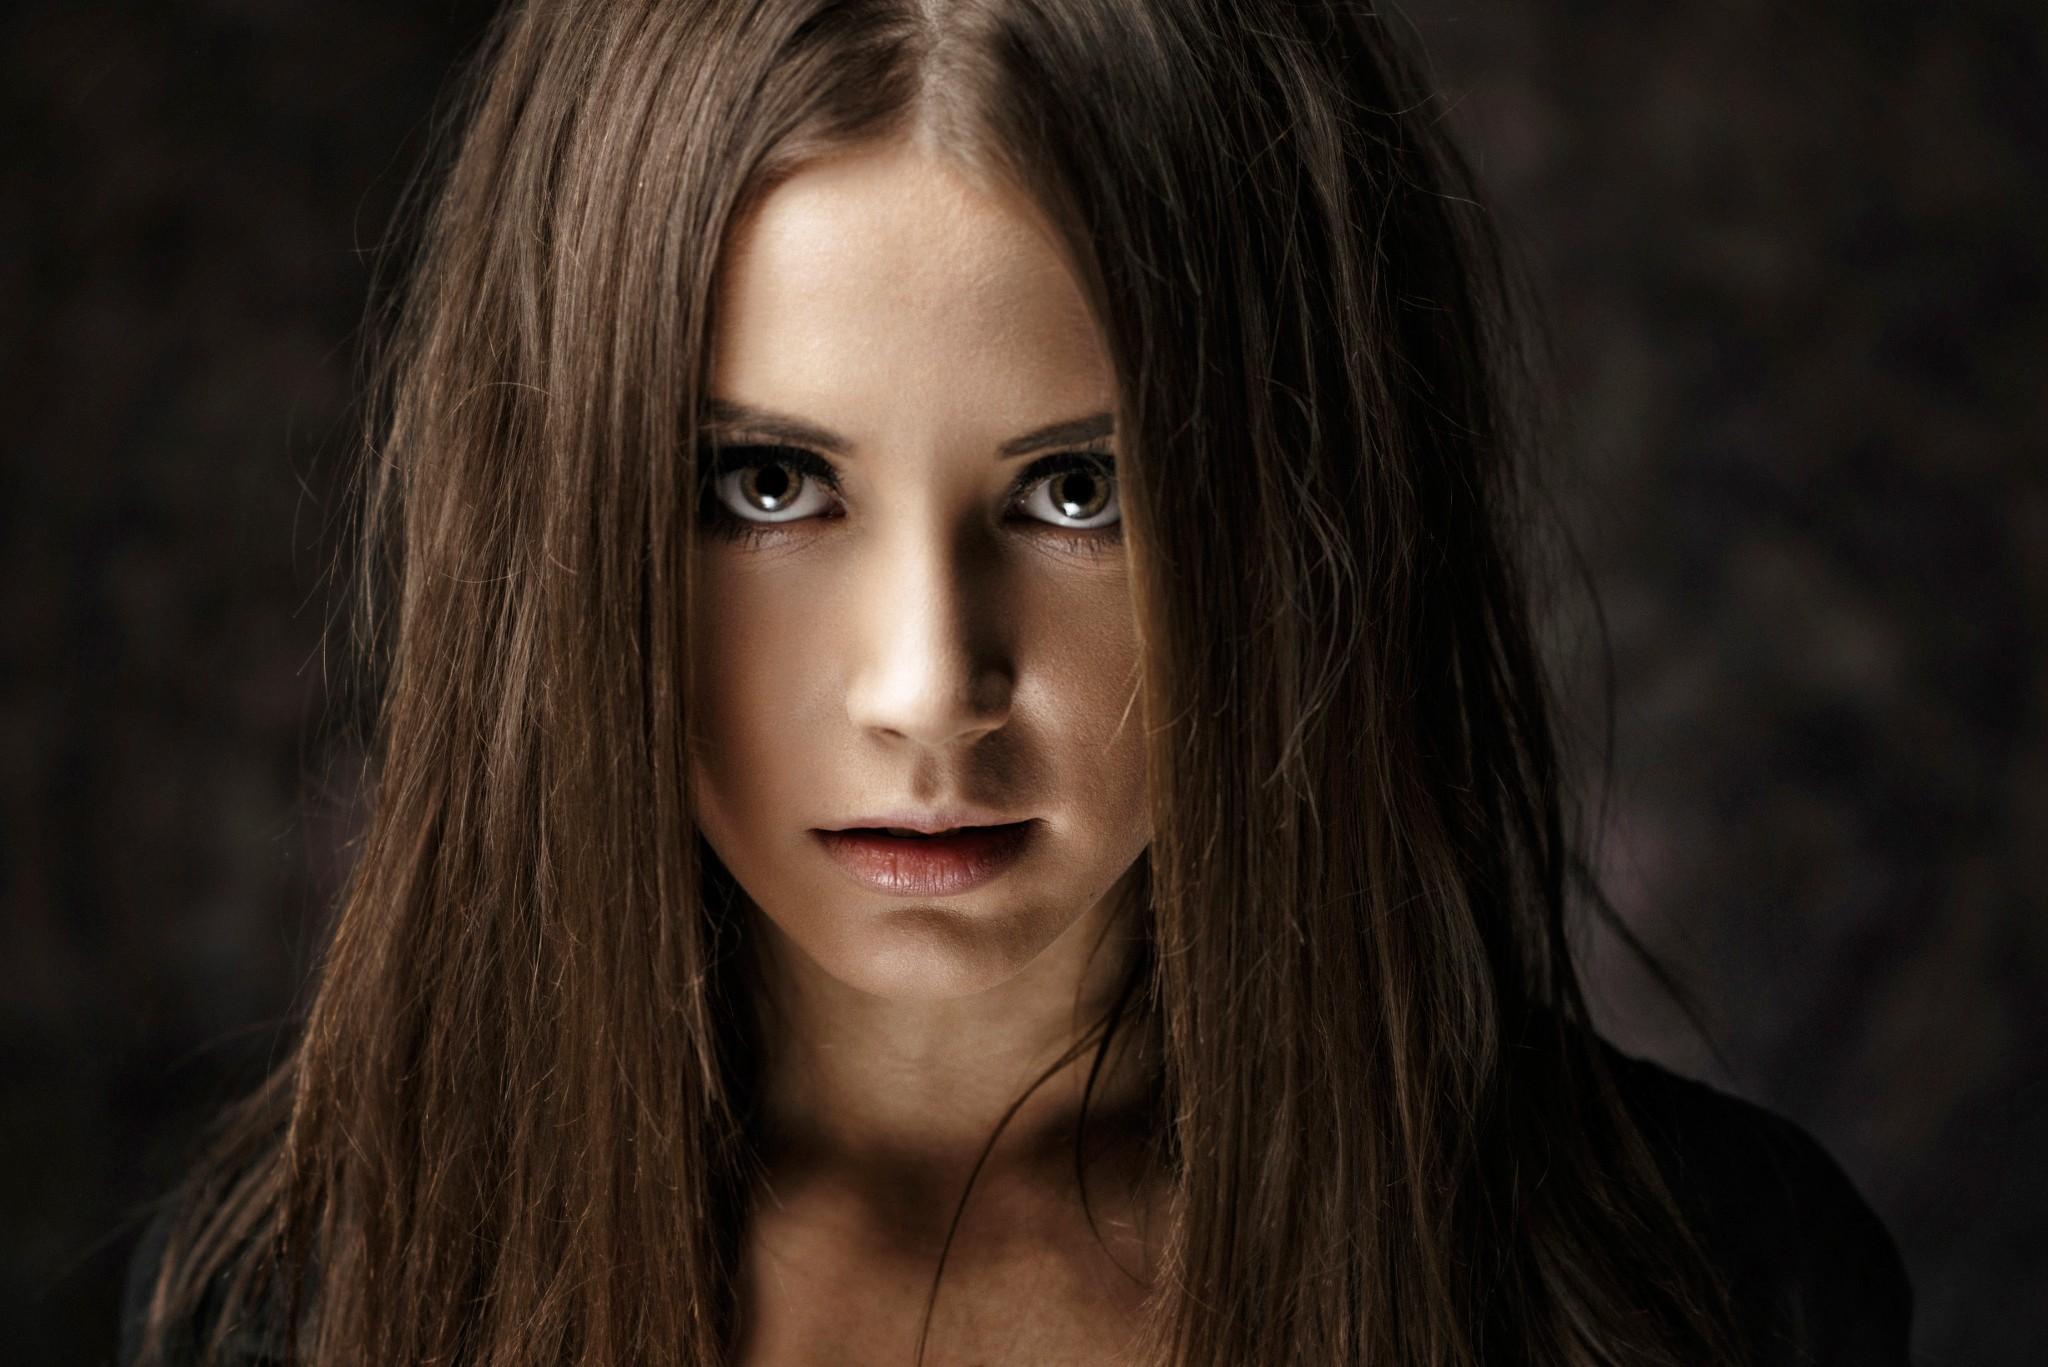 Сексуальные девушки с темными длинными волосами просто